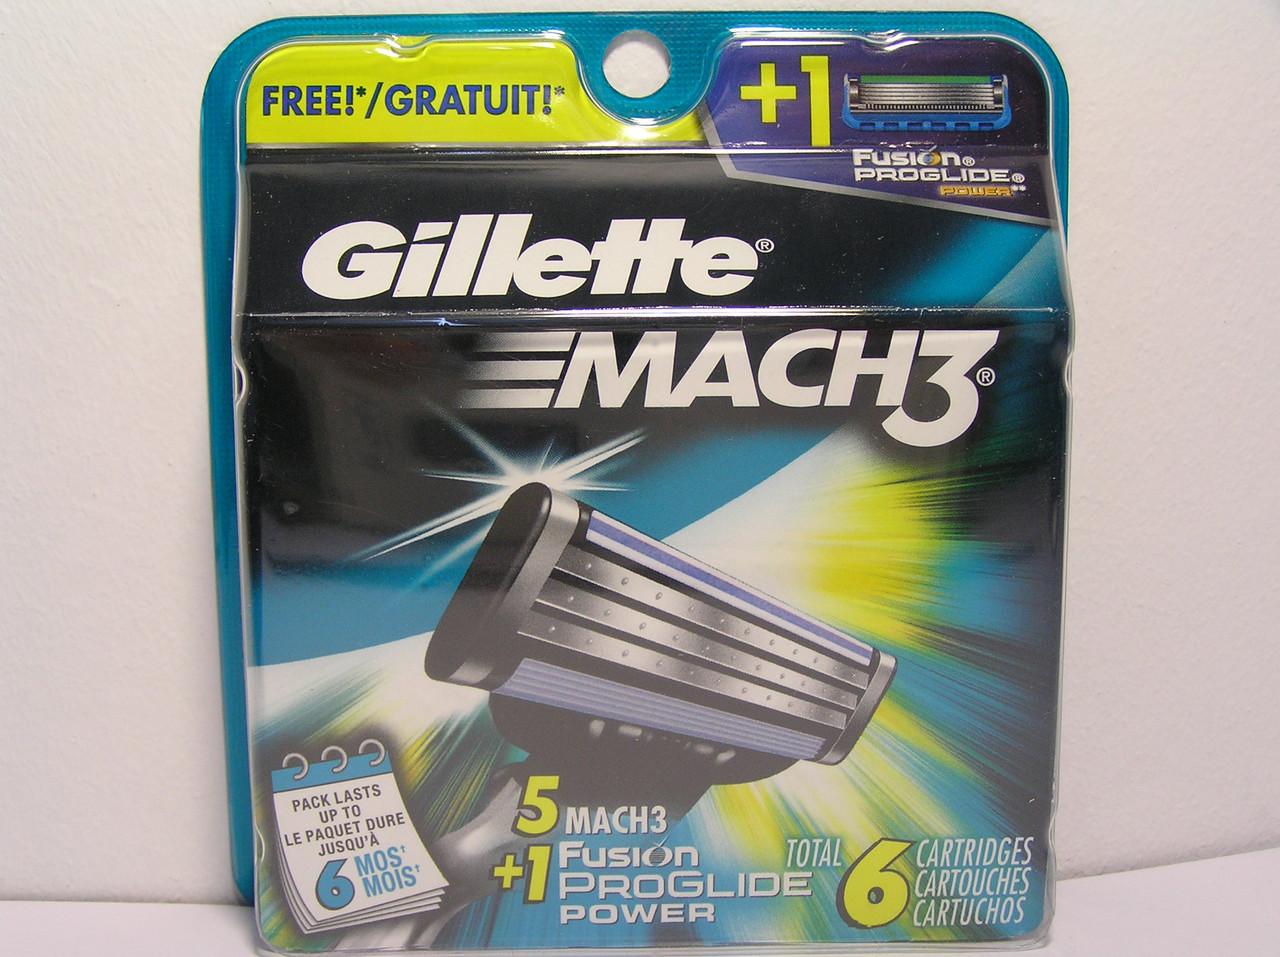 Кассеты Gillette Mach 3 5 шт+ Fusion Proglide Power кассета 1 шт ( Жиллет Мак 3 оригинал производство США)